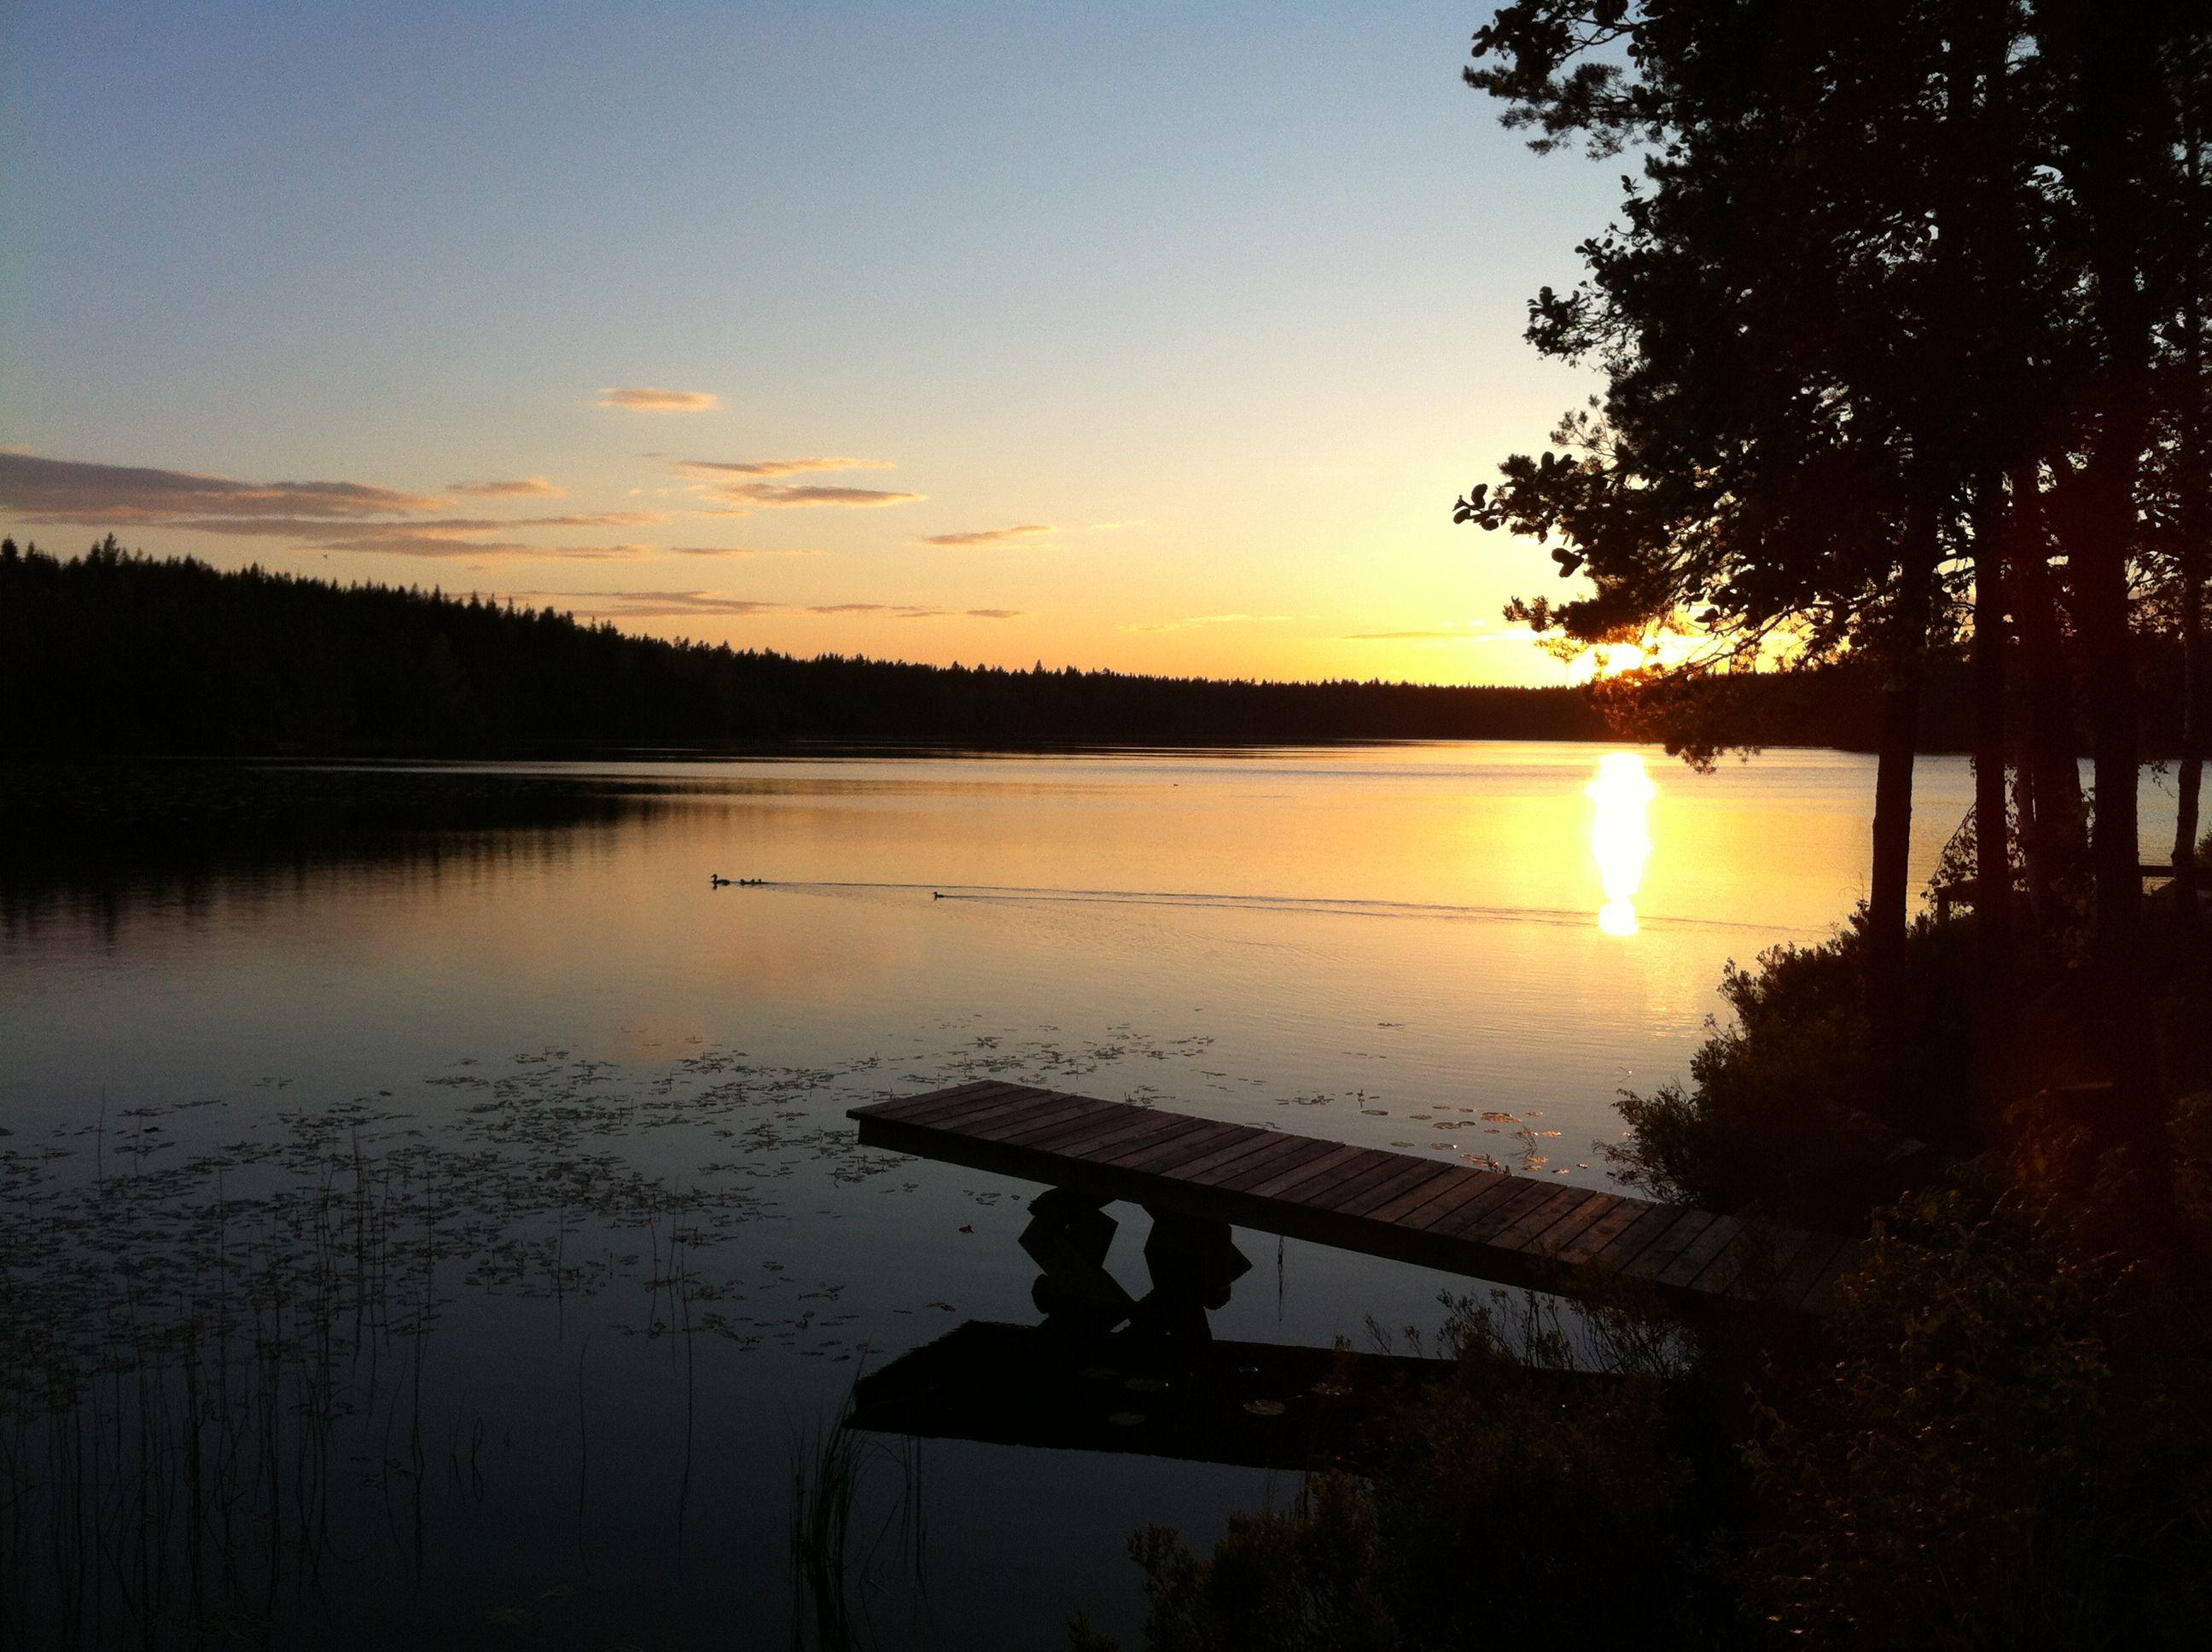 Mörtsjön i Mörtebo utanför Ockelbo i Gästrikland. Juni 2012